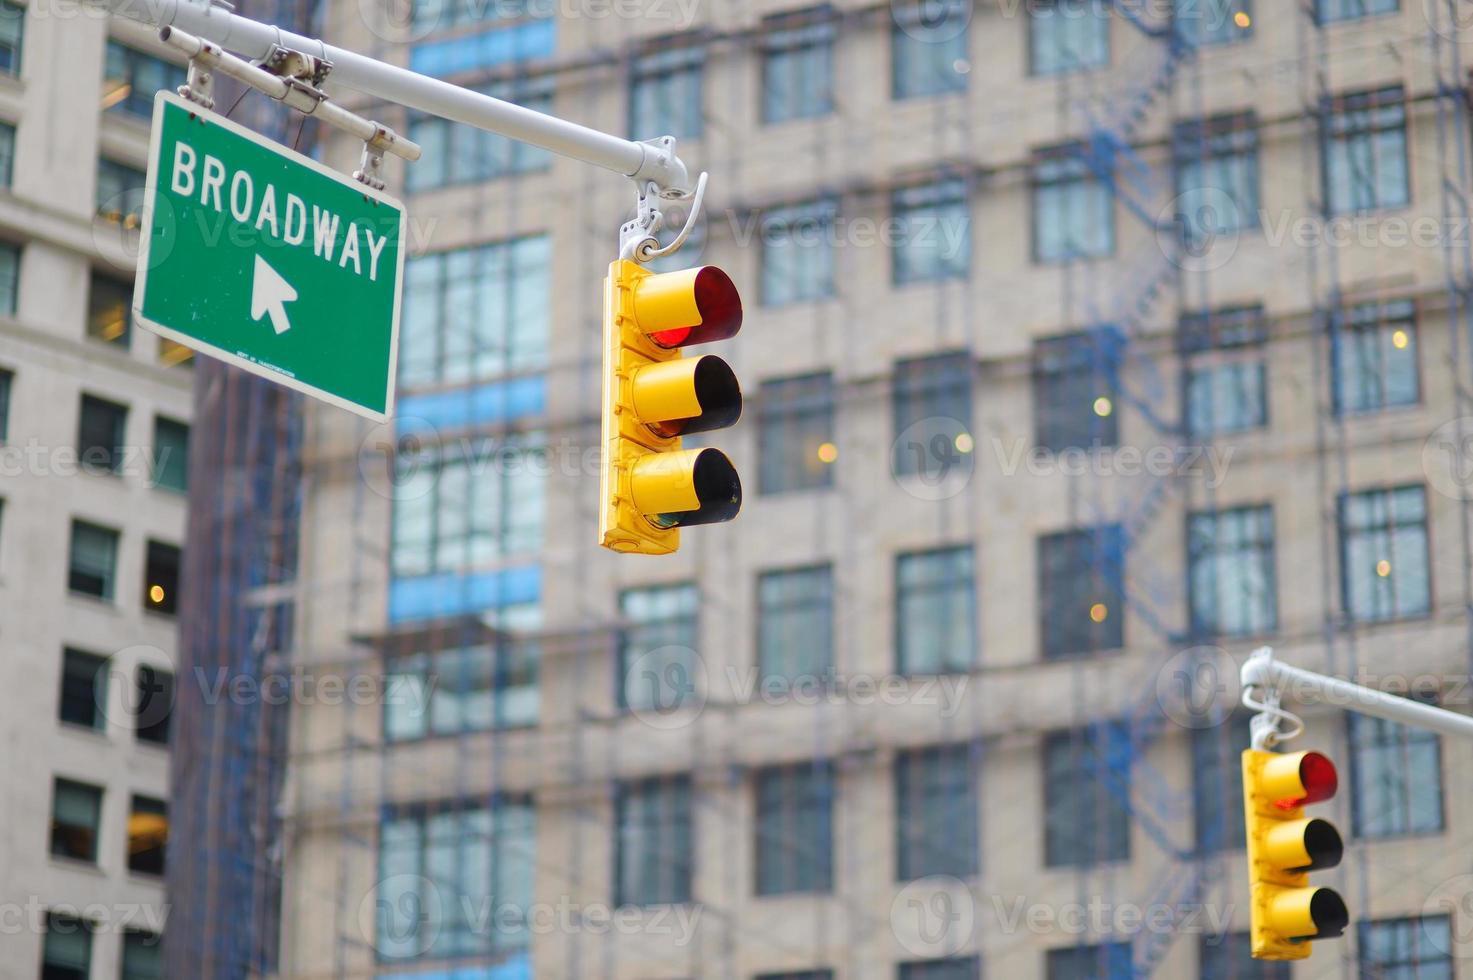 semafori di New York City foto